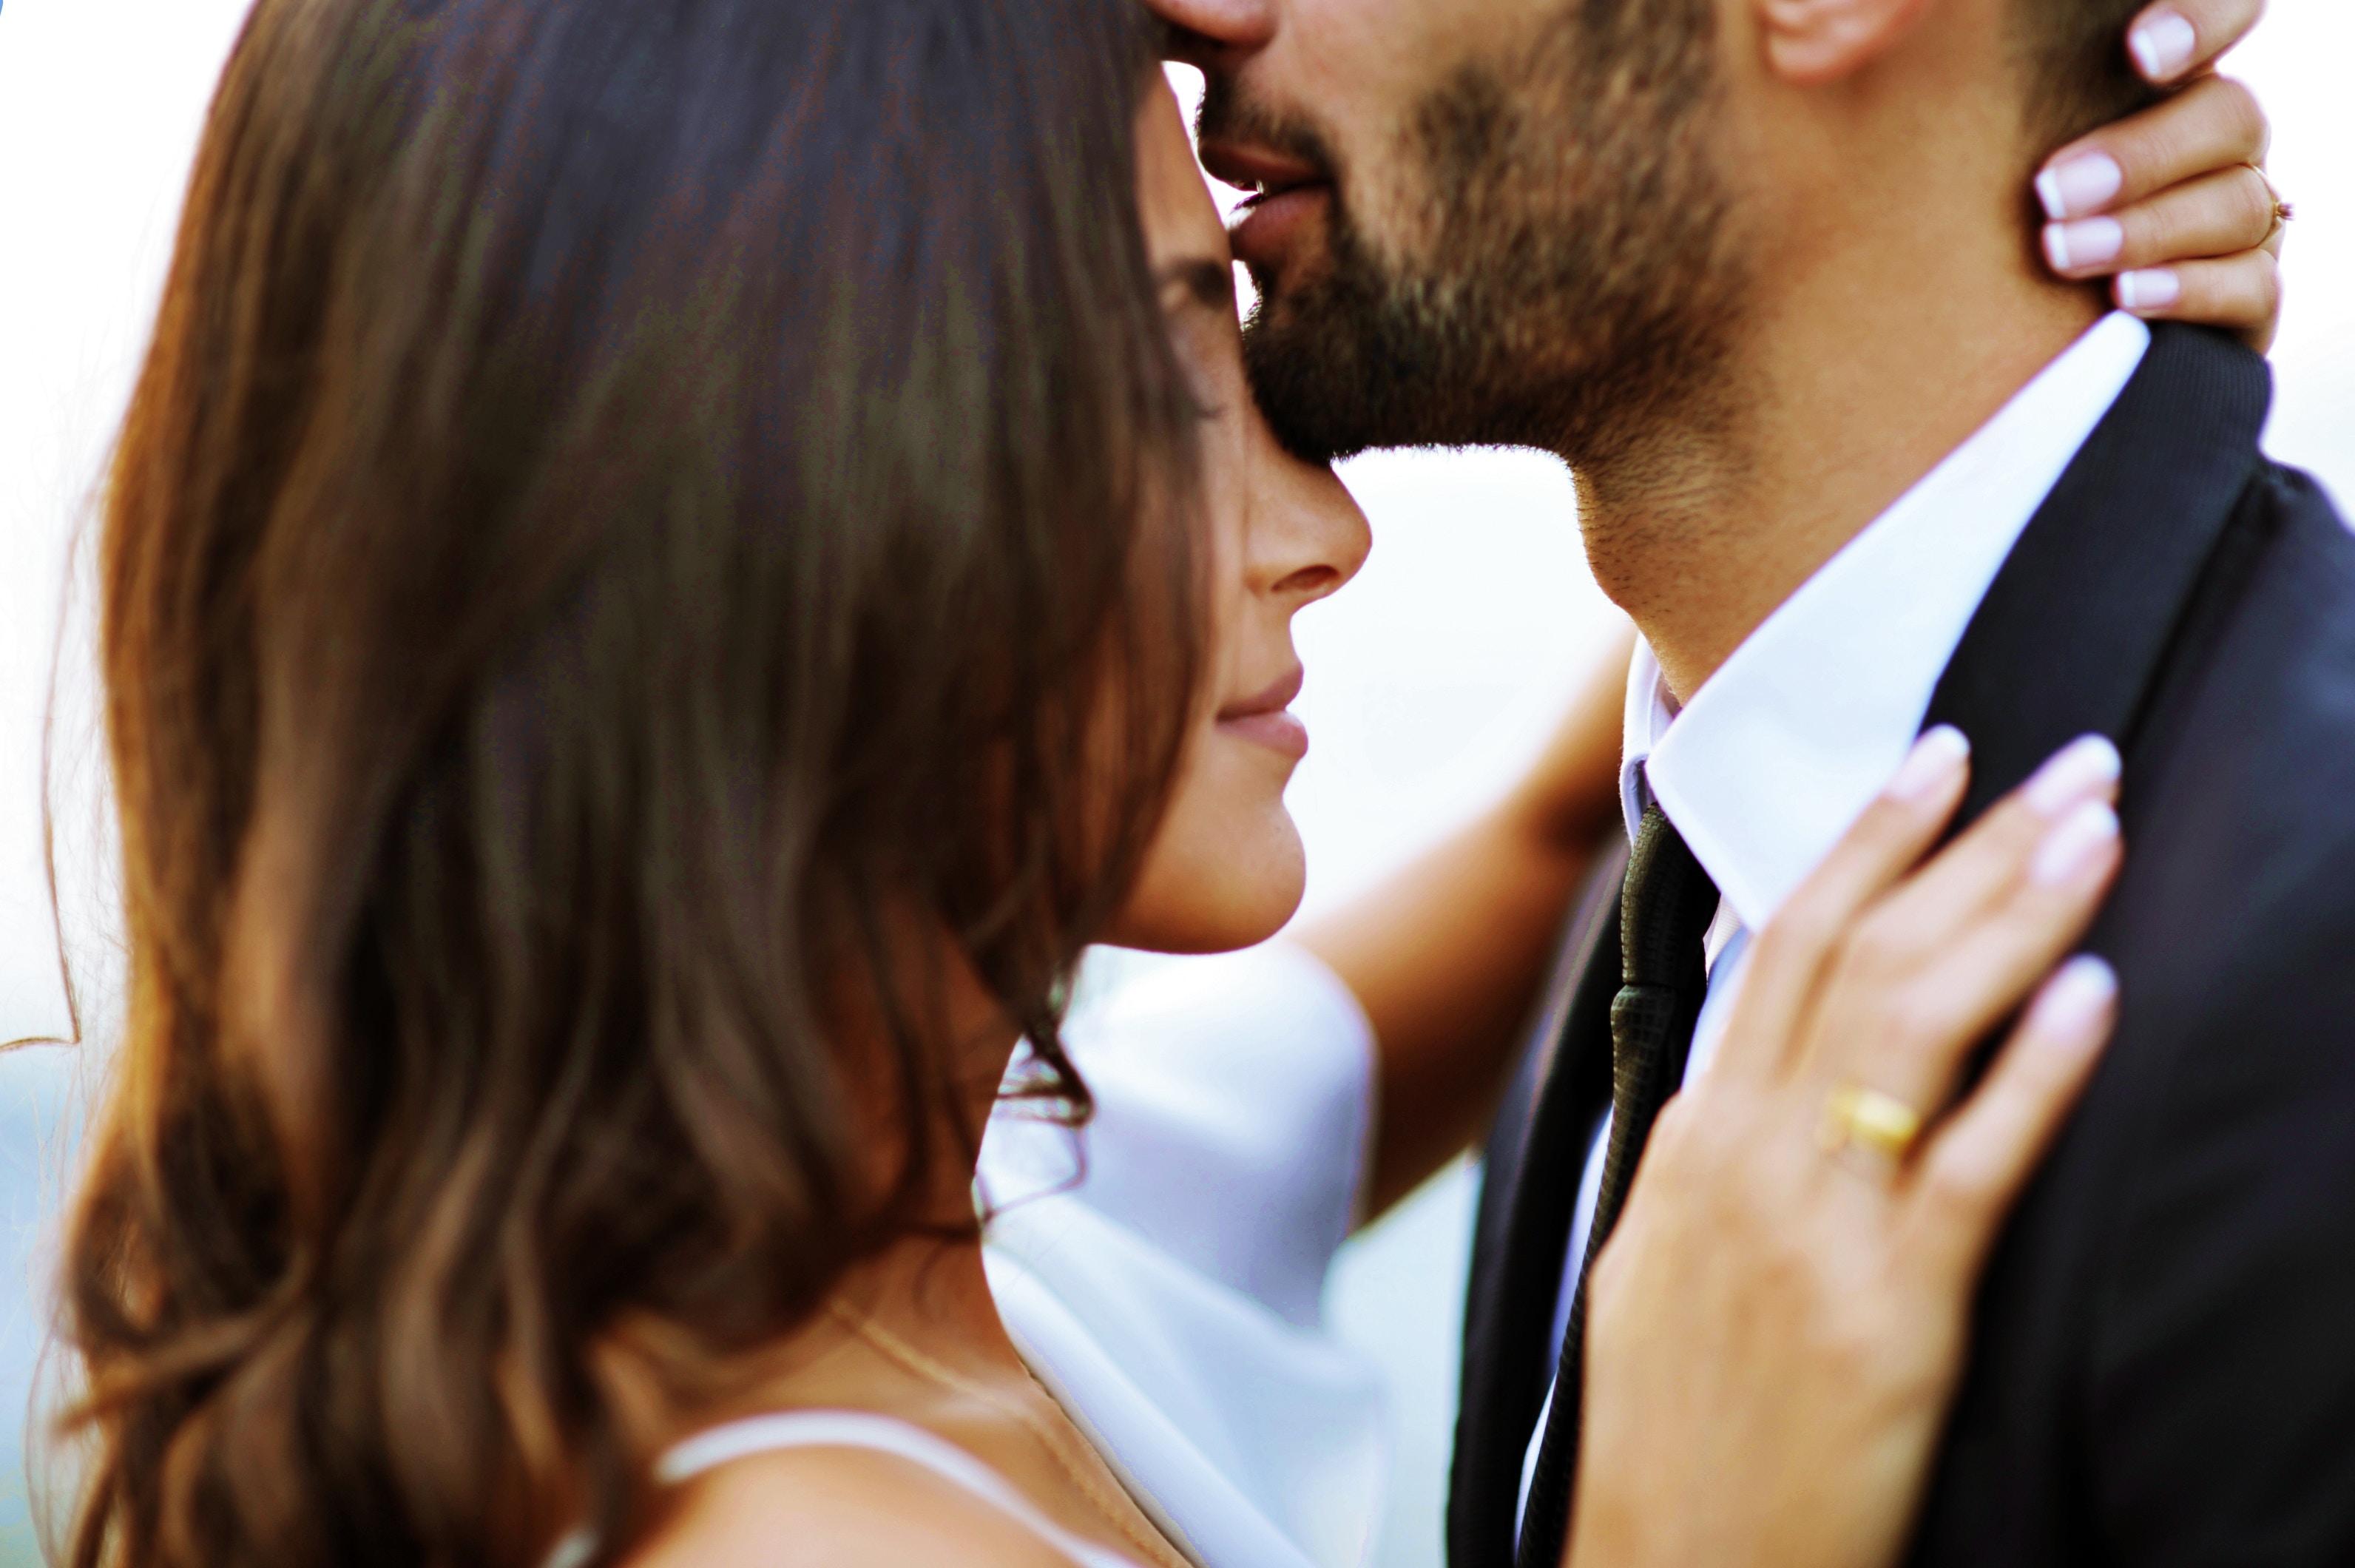 Ali partnerki lahko zaupate osebne stvari?